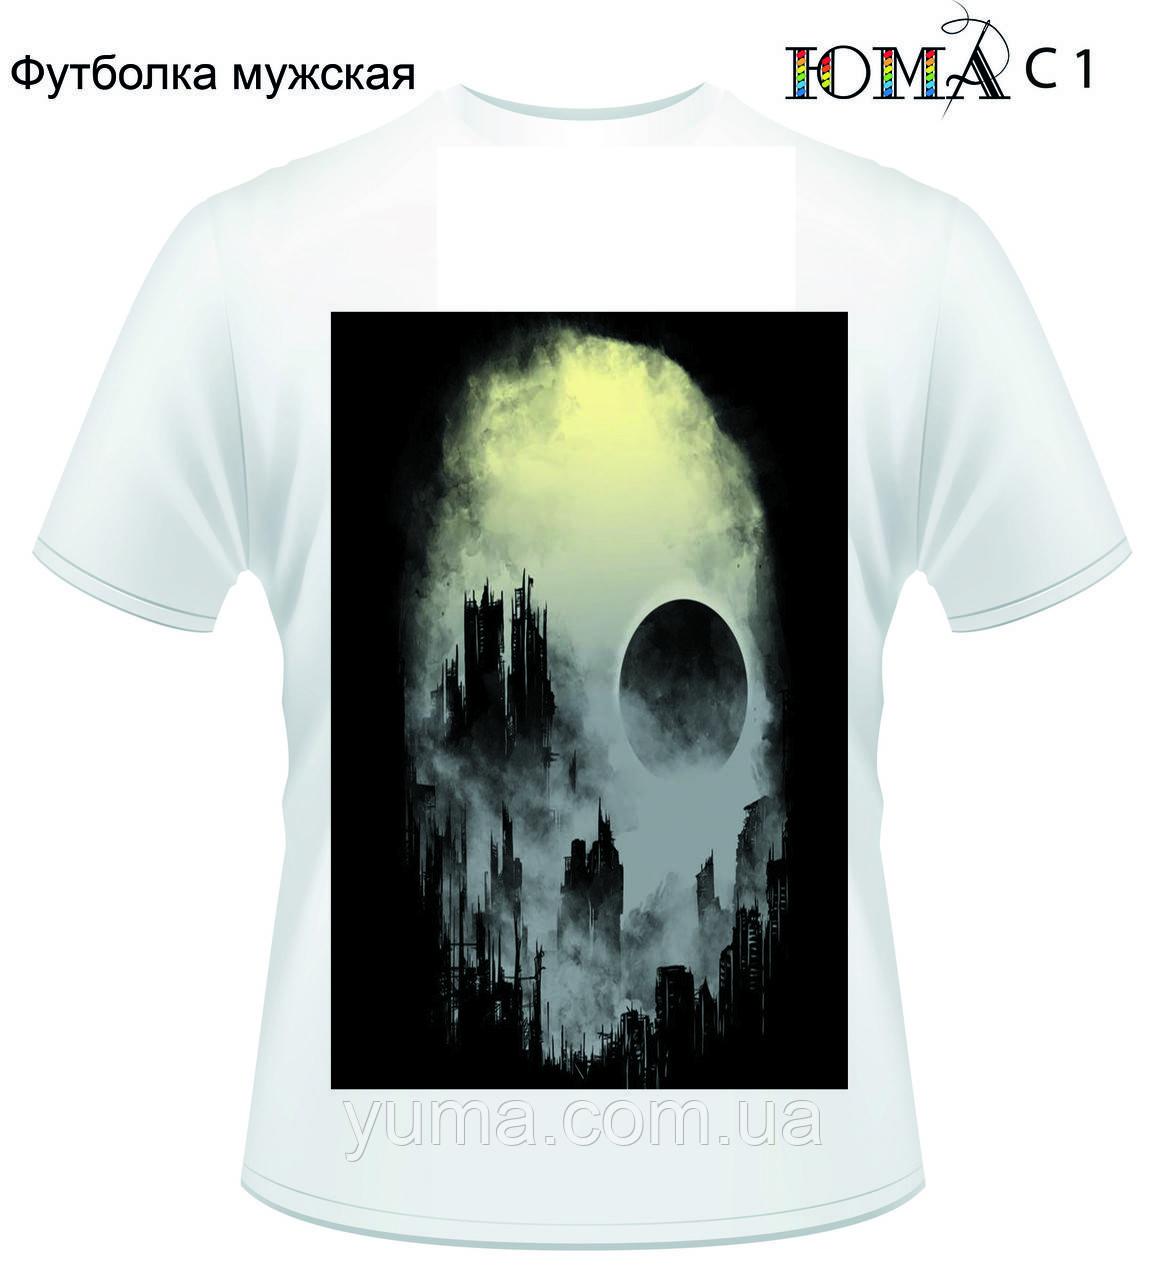 """Мужская футболка с рисунком """"Город во тьме"""""""